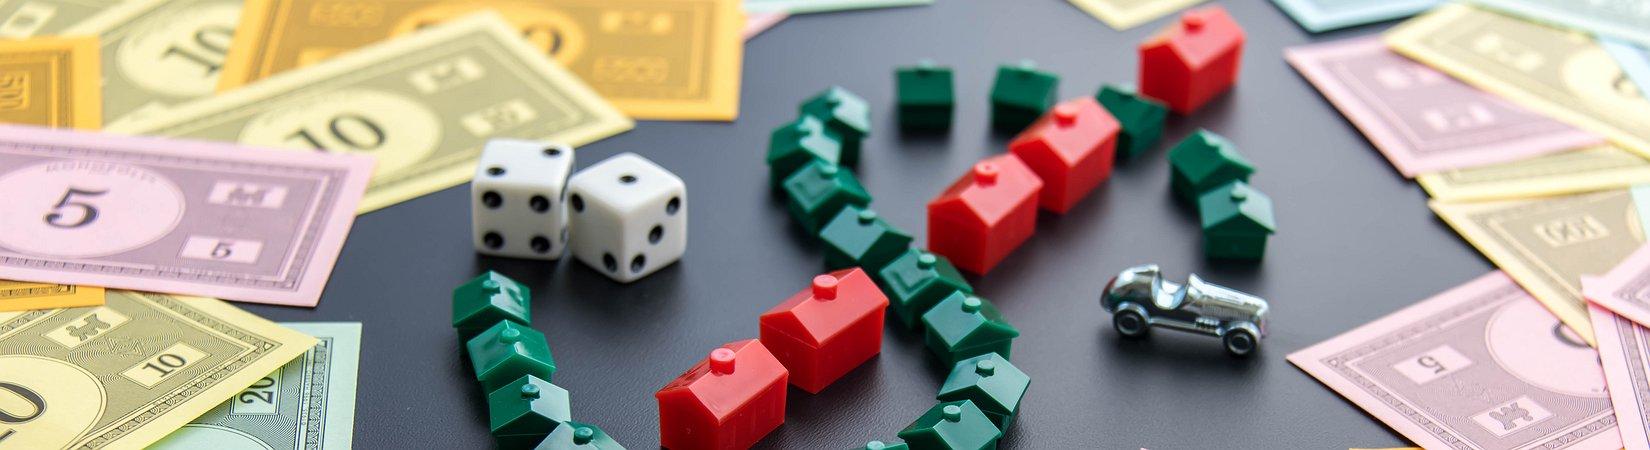 ¿Qué enseña verdaderamente el Monopoly?